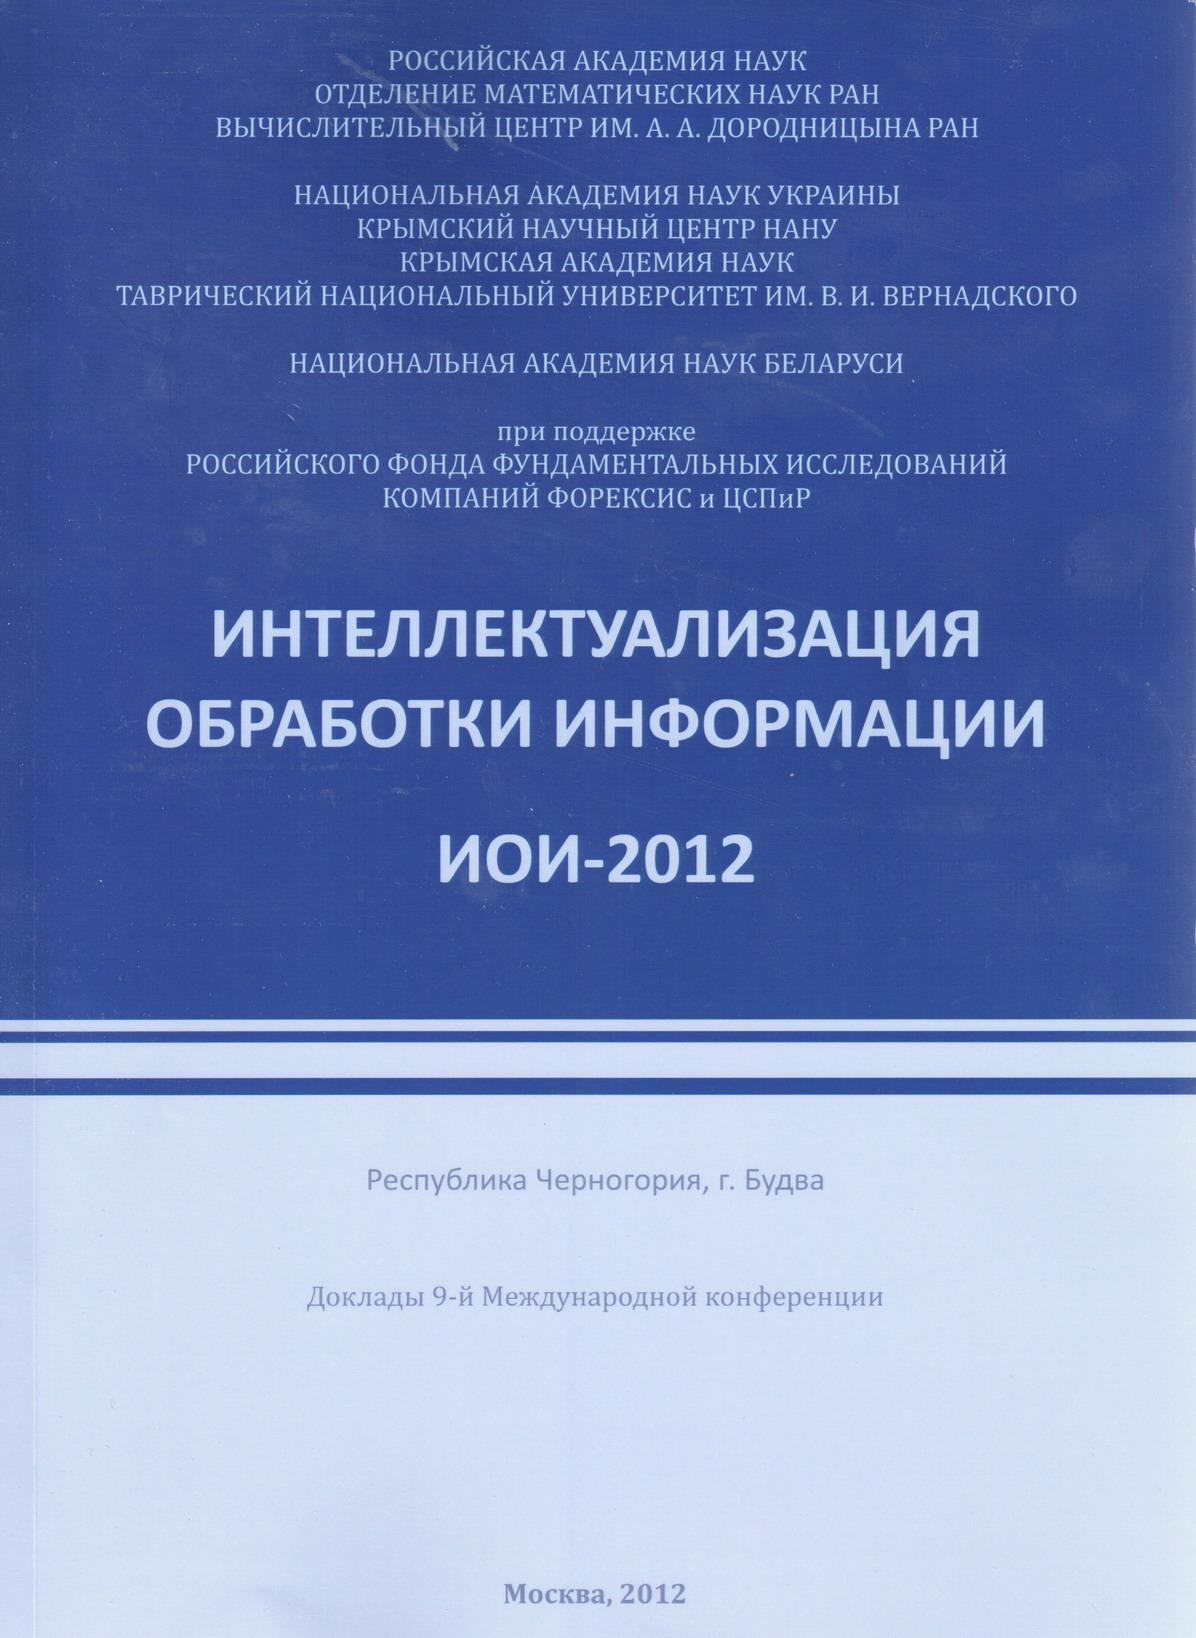 Интеллектуализация обработки информации ИОИ: 9-я международная конференция. Черногория, г. Будва, 2012 г.: сборник докладов